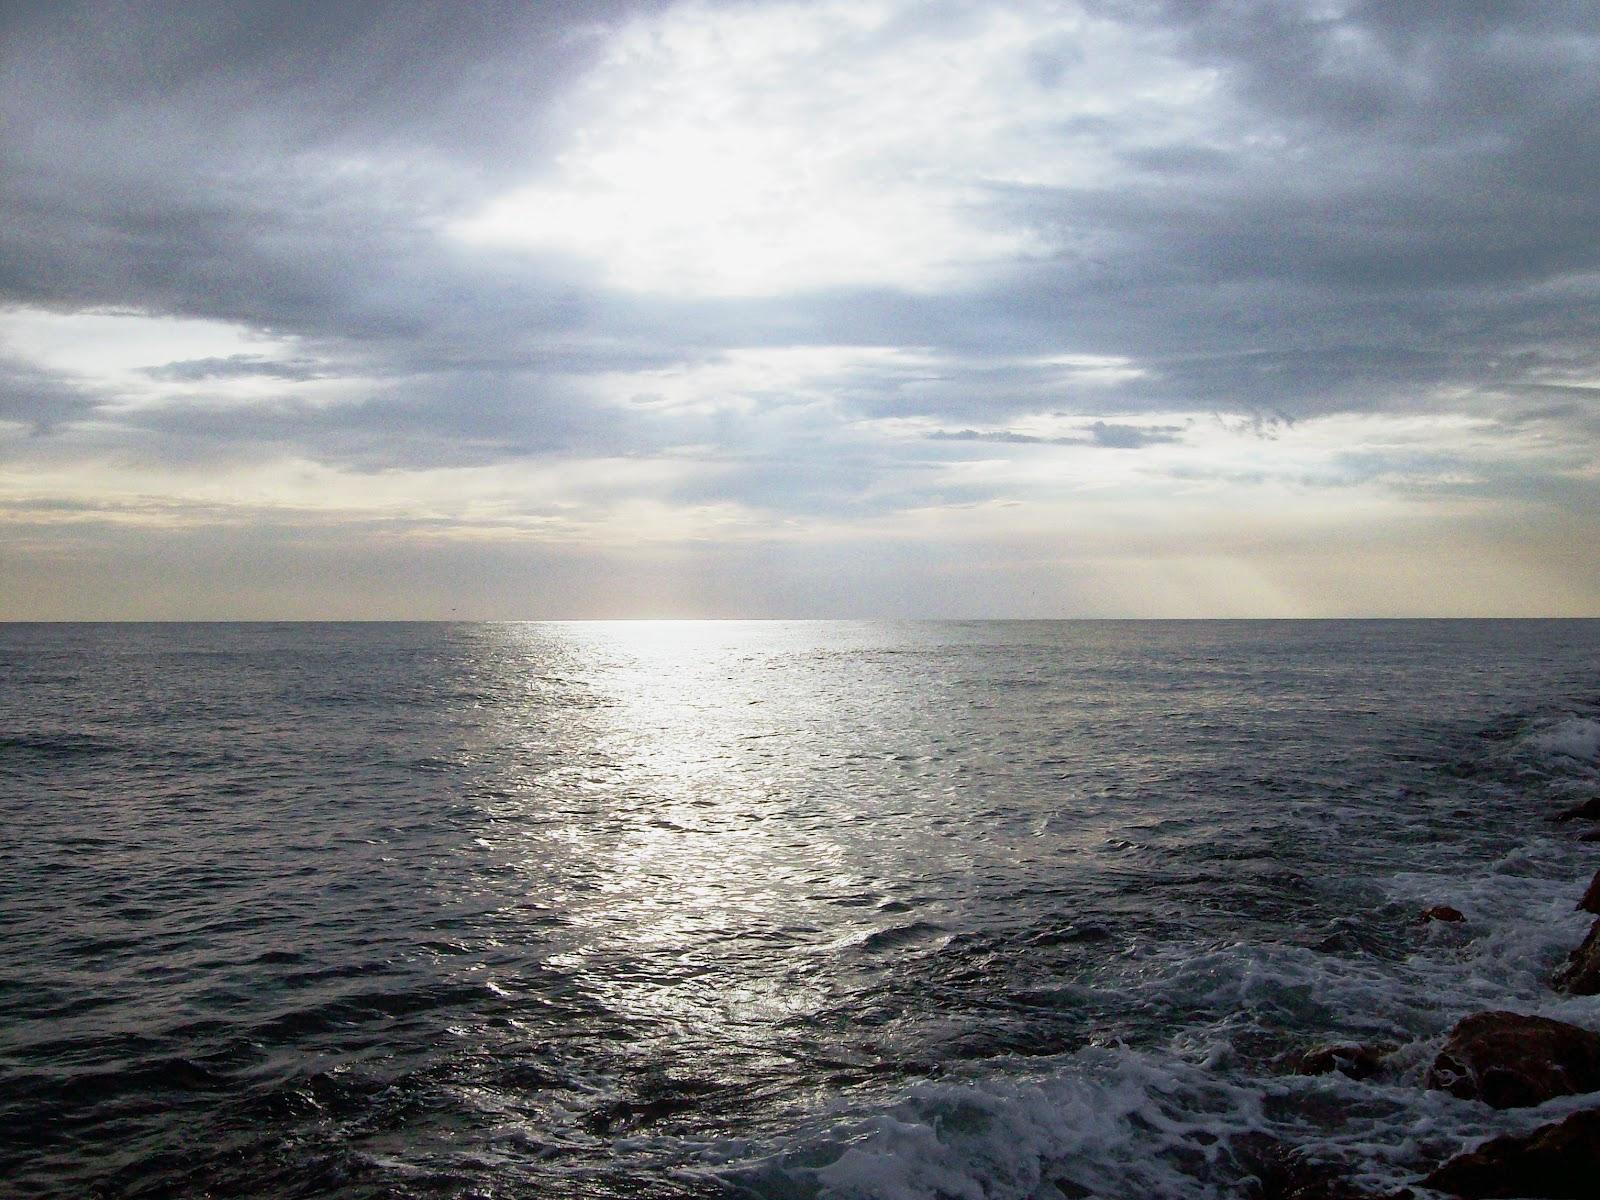 Spinning Memories: Un po' di mare finalmente